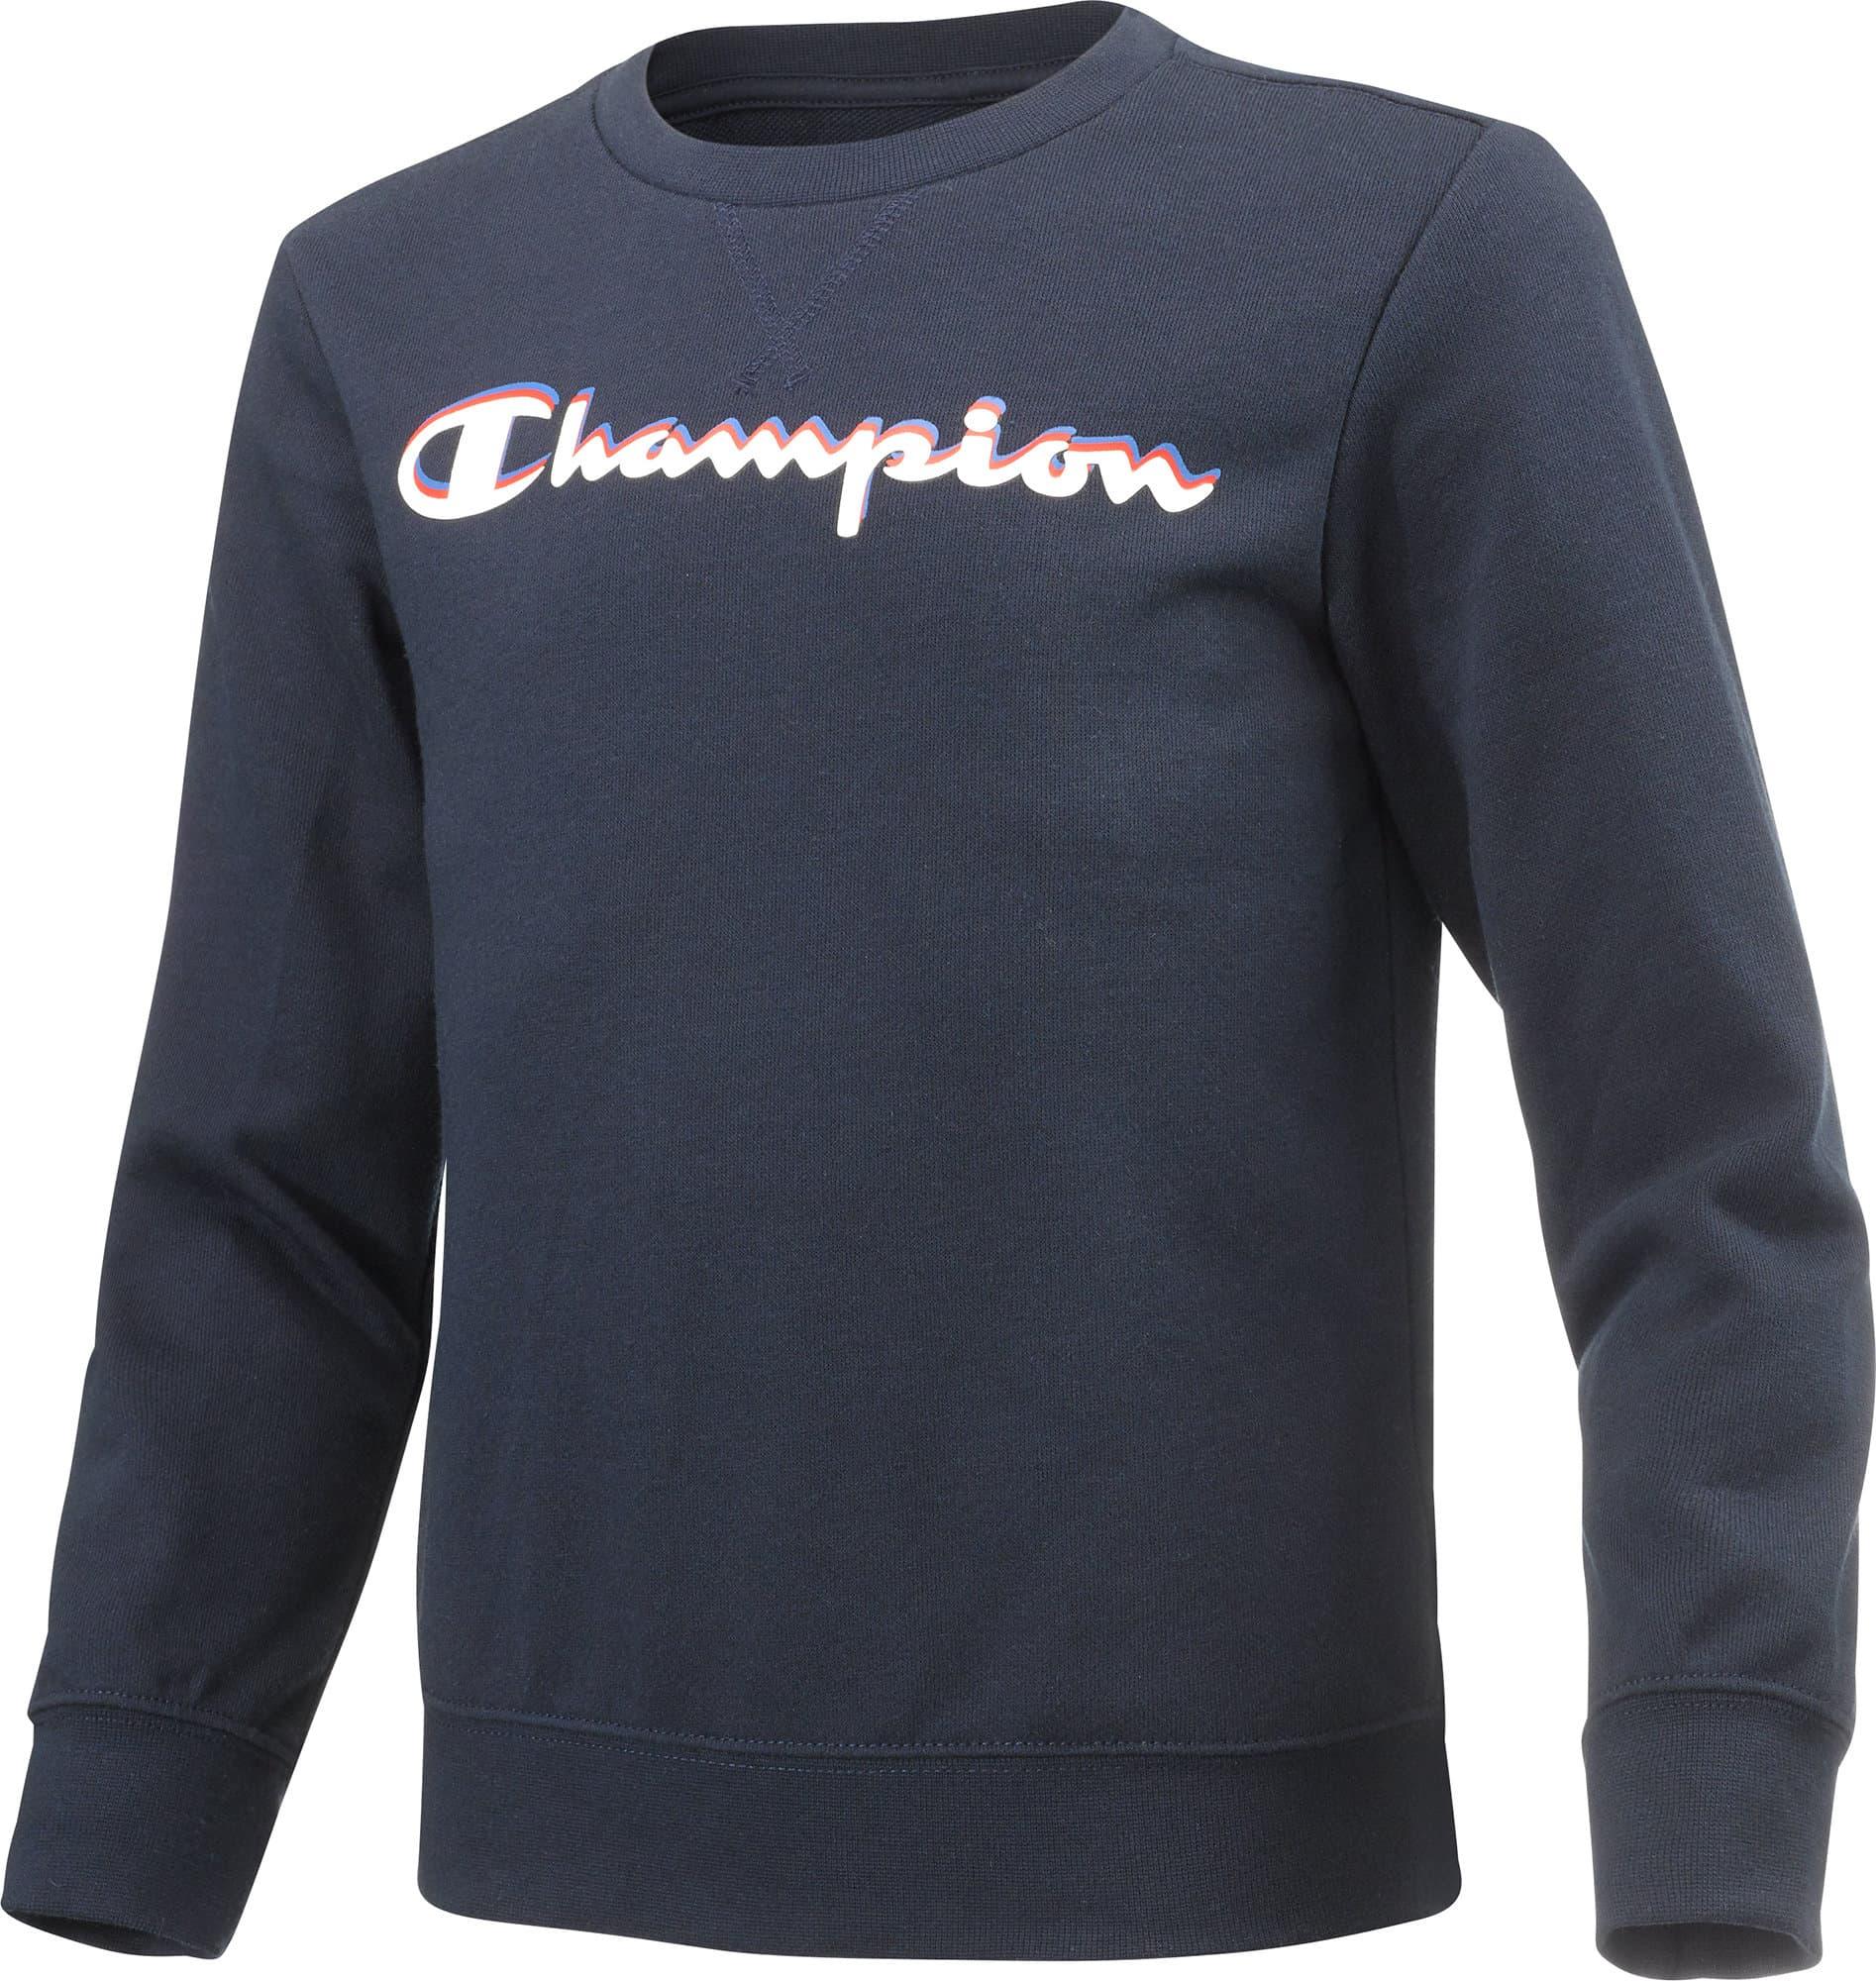 prix incroyables magasin en ligne recherche d'authentique Champion Crewneck Sweatshirt Sweat-shirt pour garçon